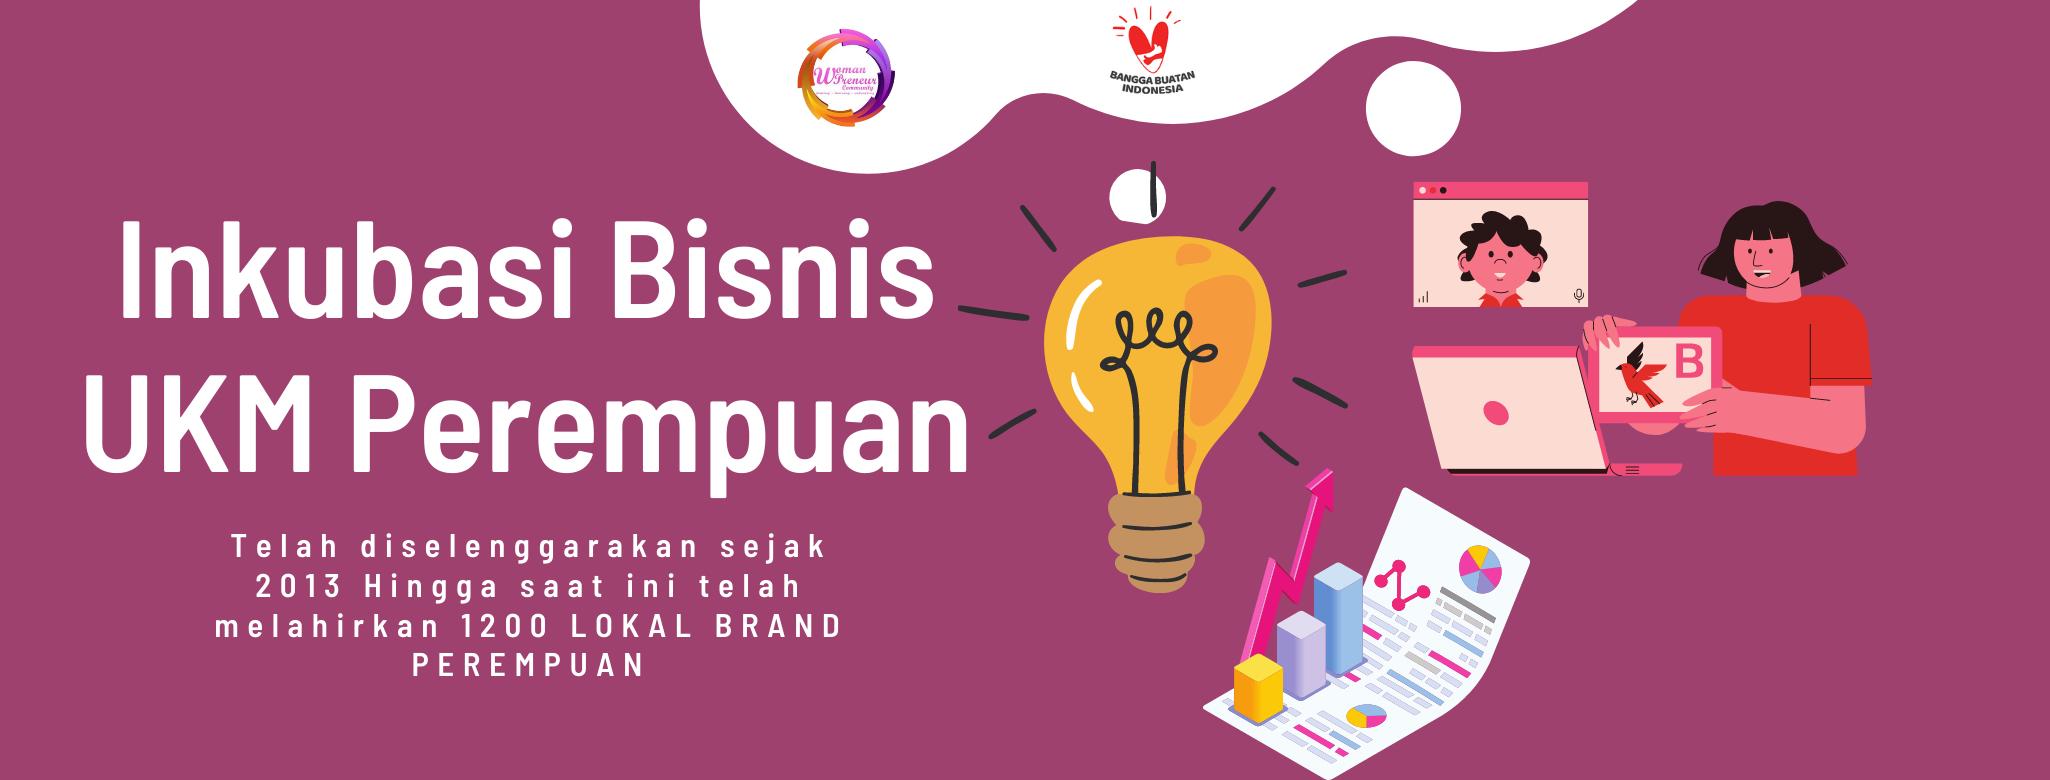 Karya Perempuan Indonesia -Womanpreneur Community